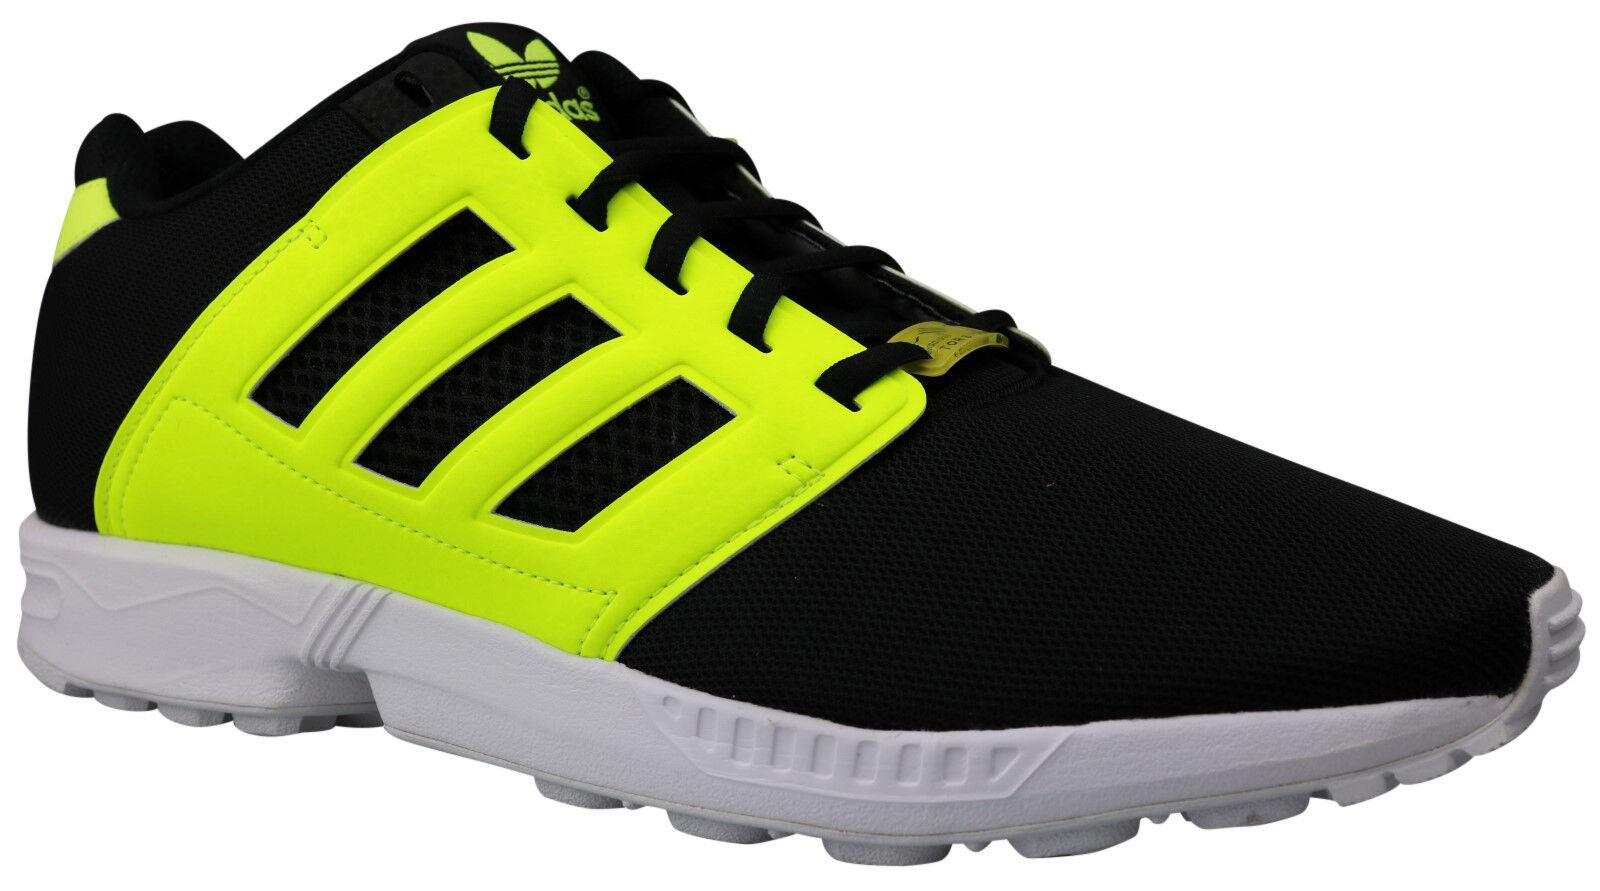 Adidas Originals ZX cortos zapatillas Flux 2.0 calcetines cortos ZX zapatillas ca0ab3